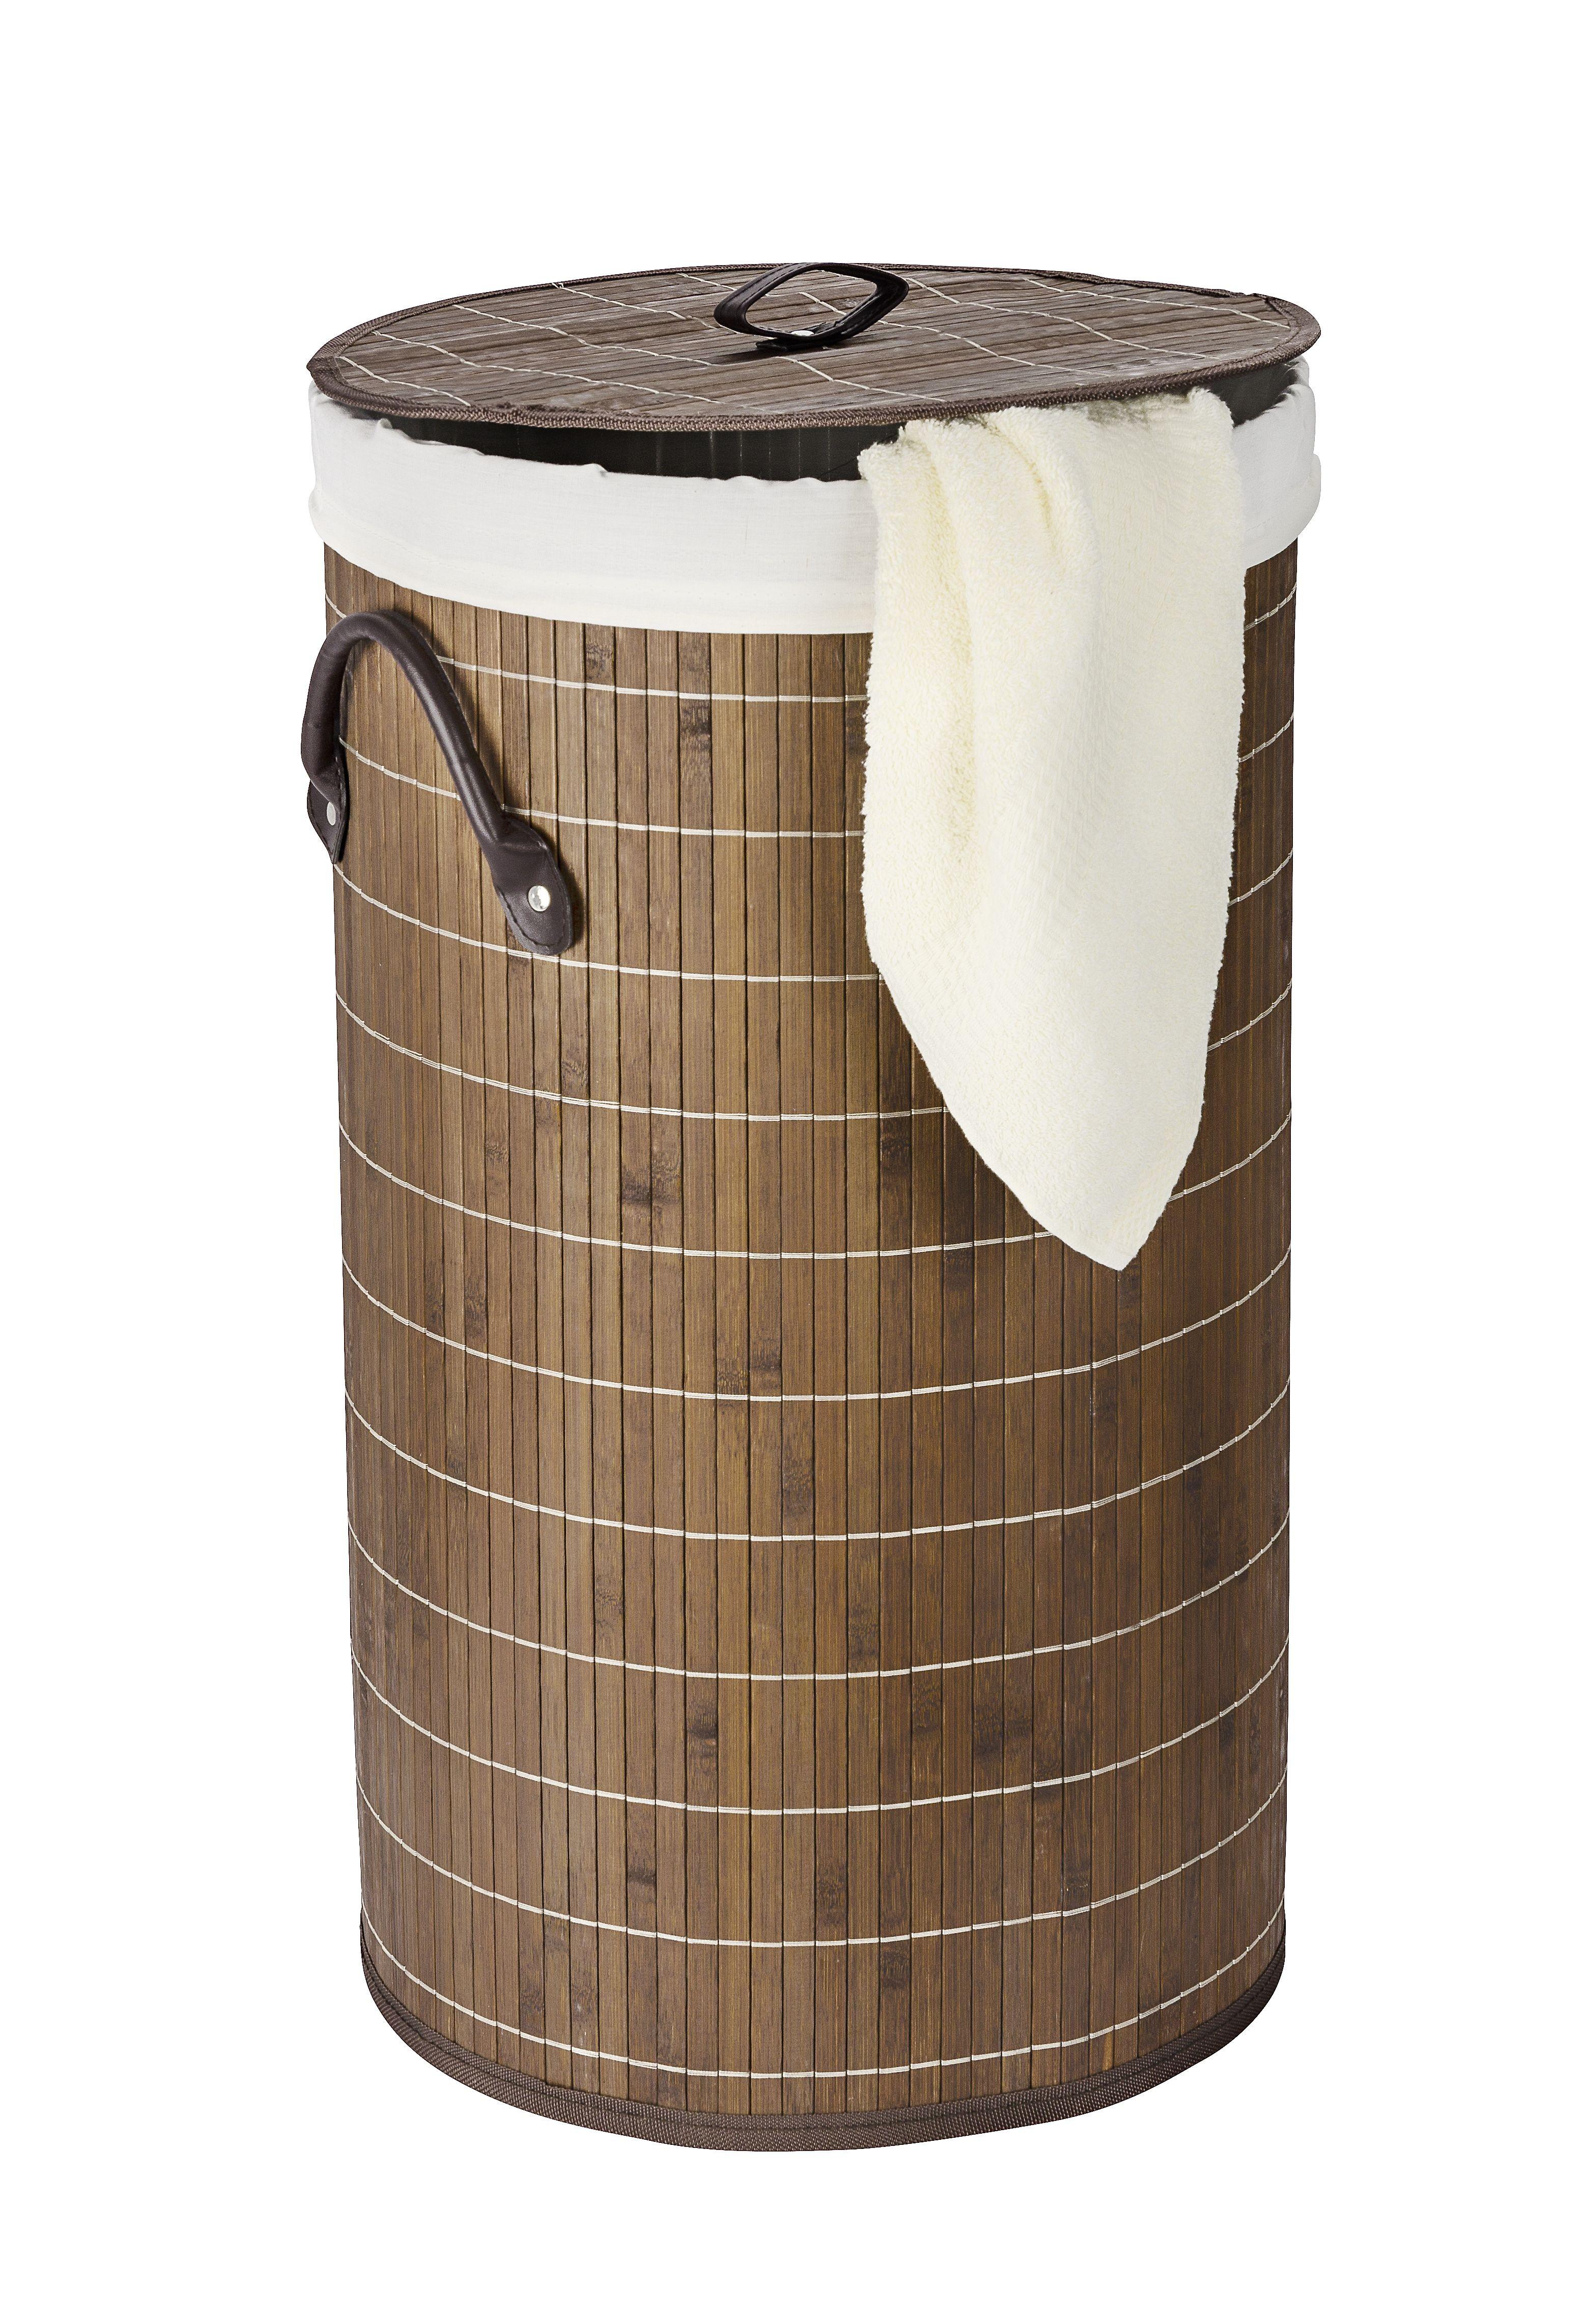 Wäschetruhe Bamboo Dunkelbraun, Wäschekorb, 55 l